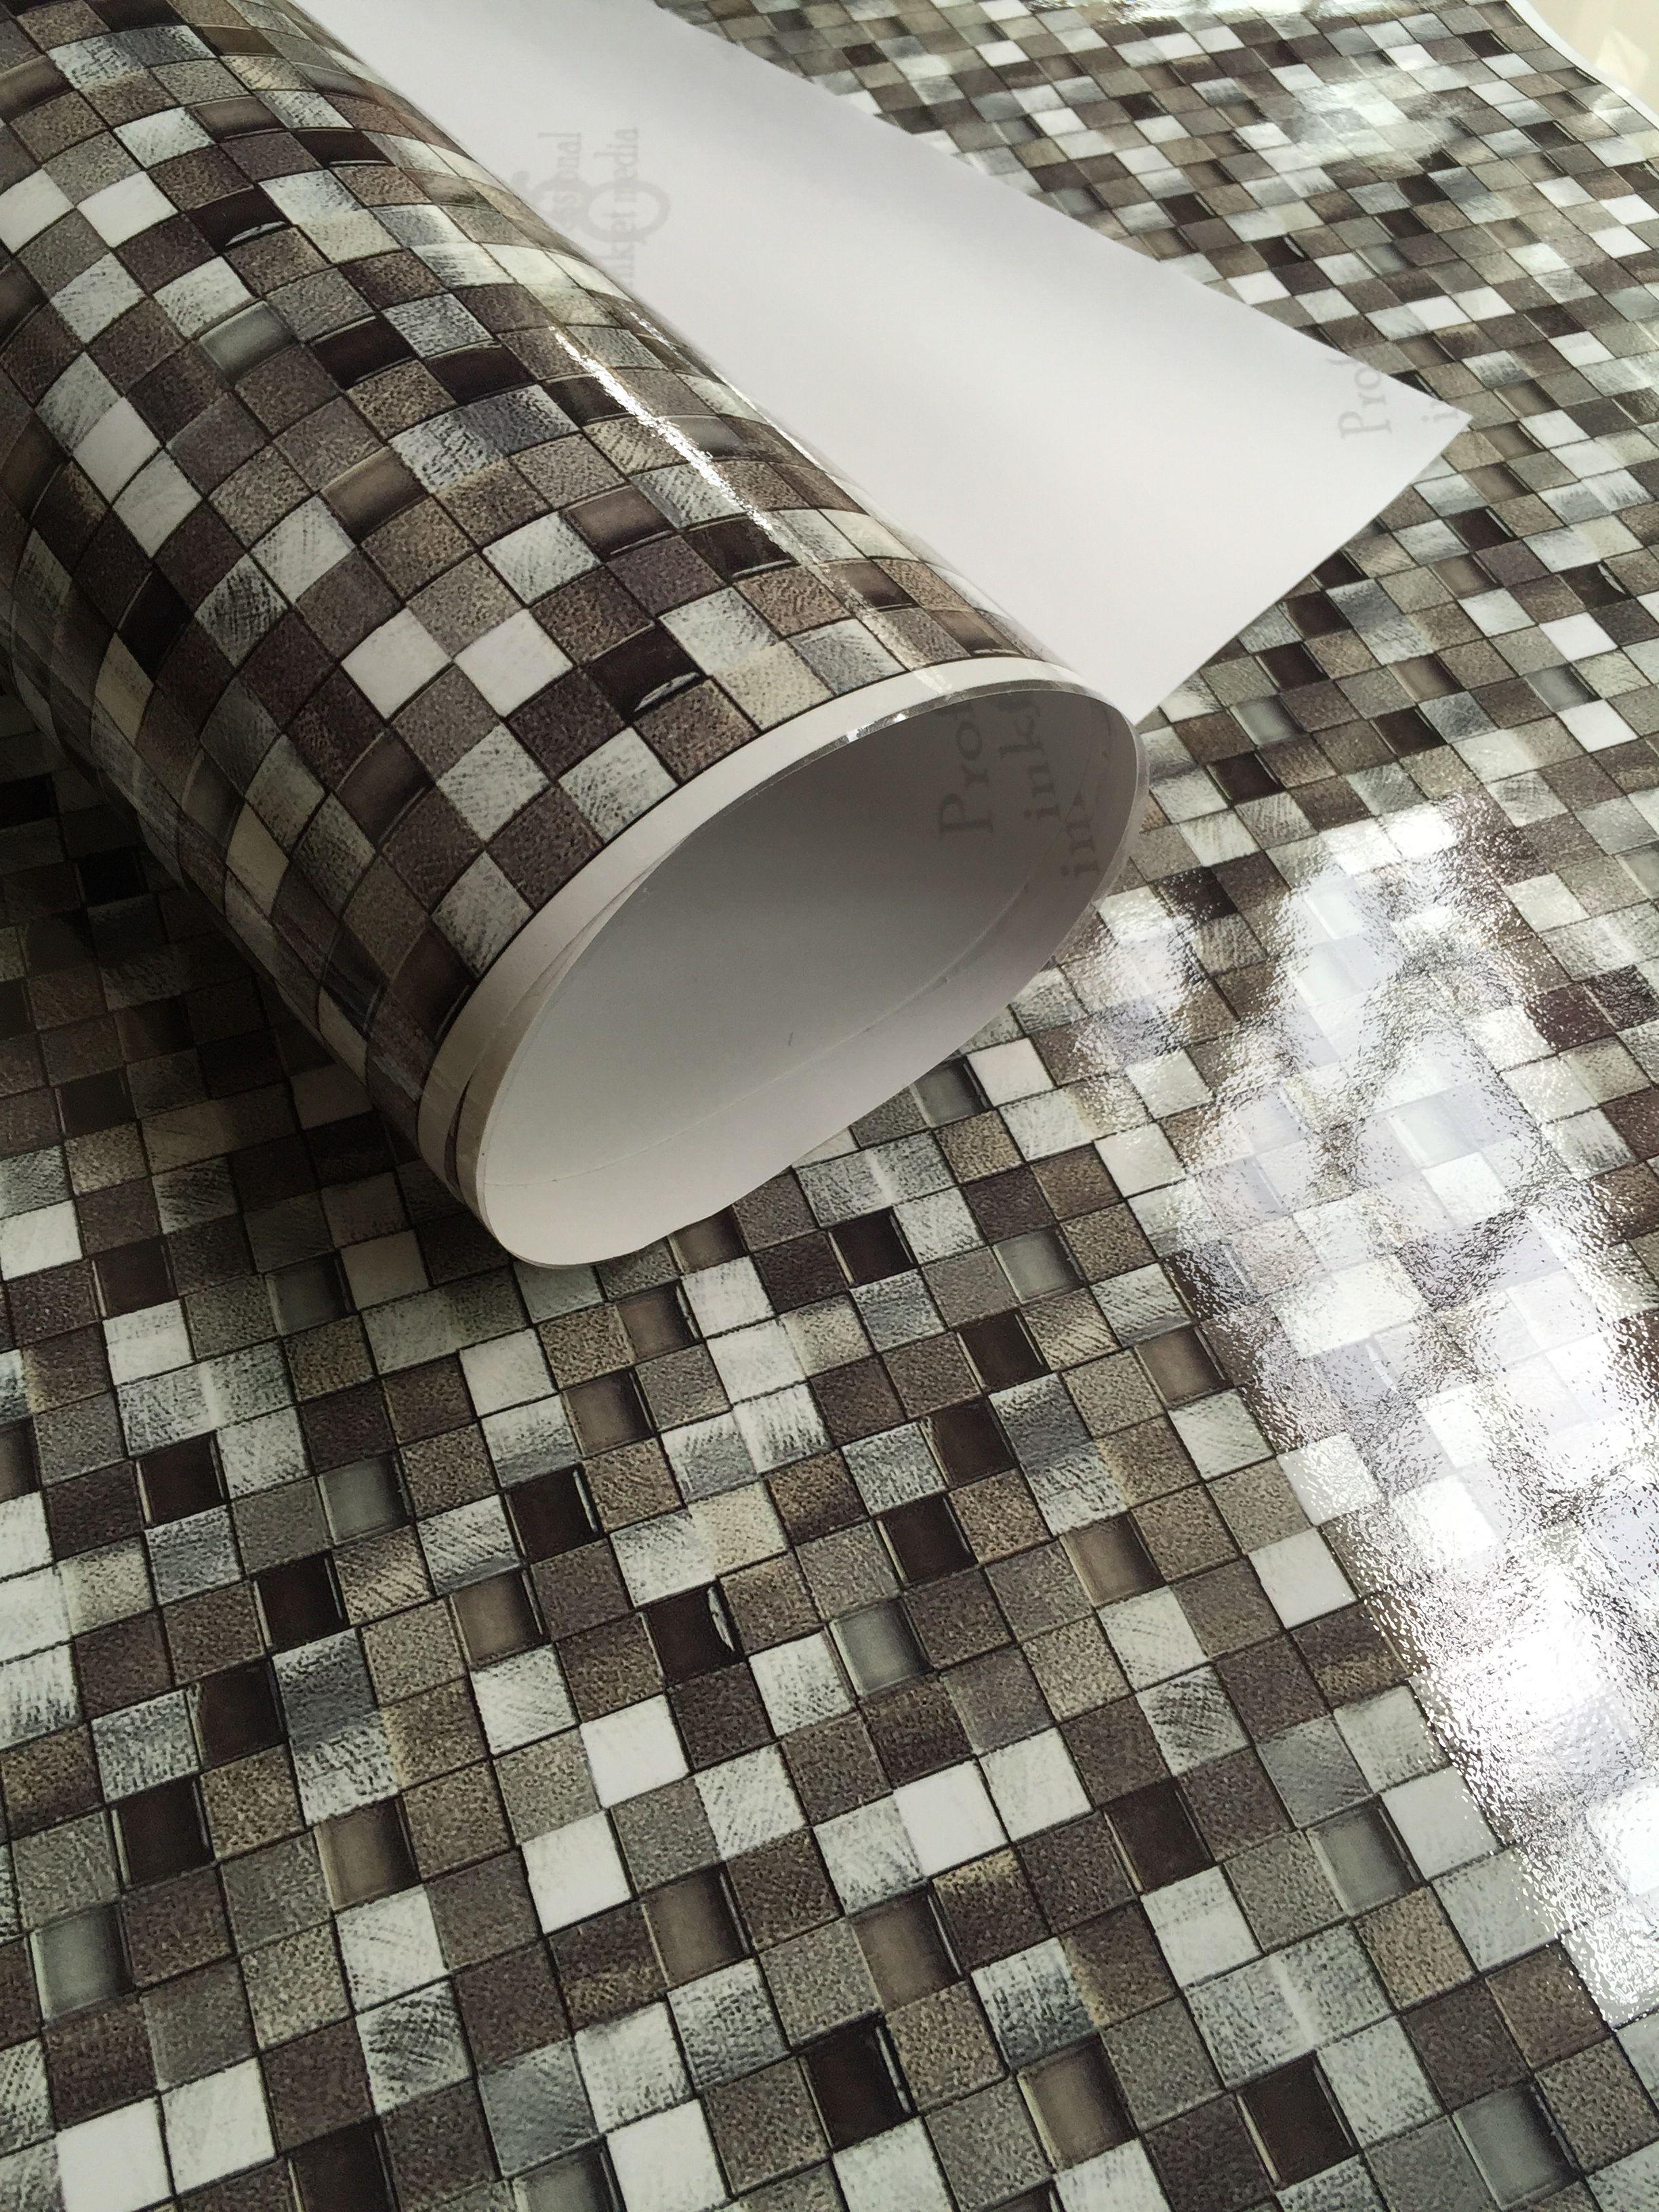 Peel and stick mosaic tile vinyl wallpaper. Waterproof